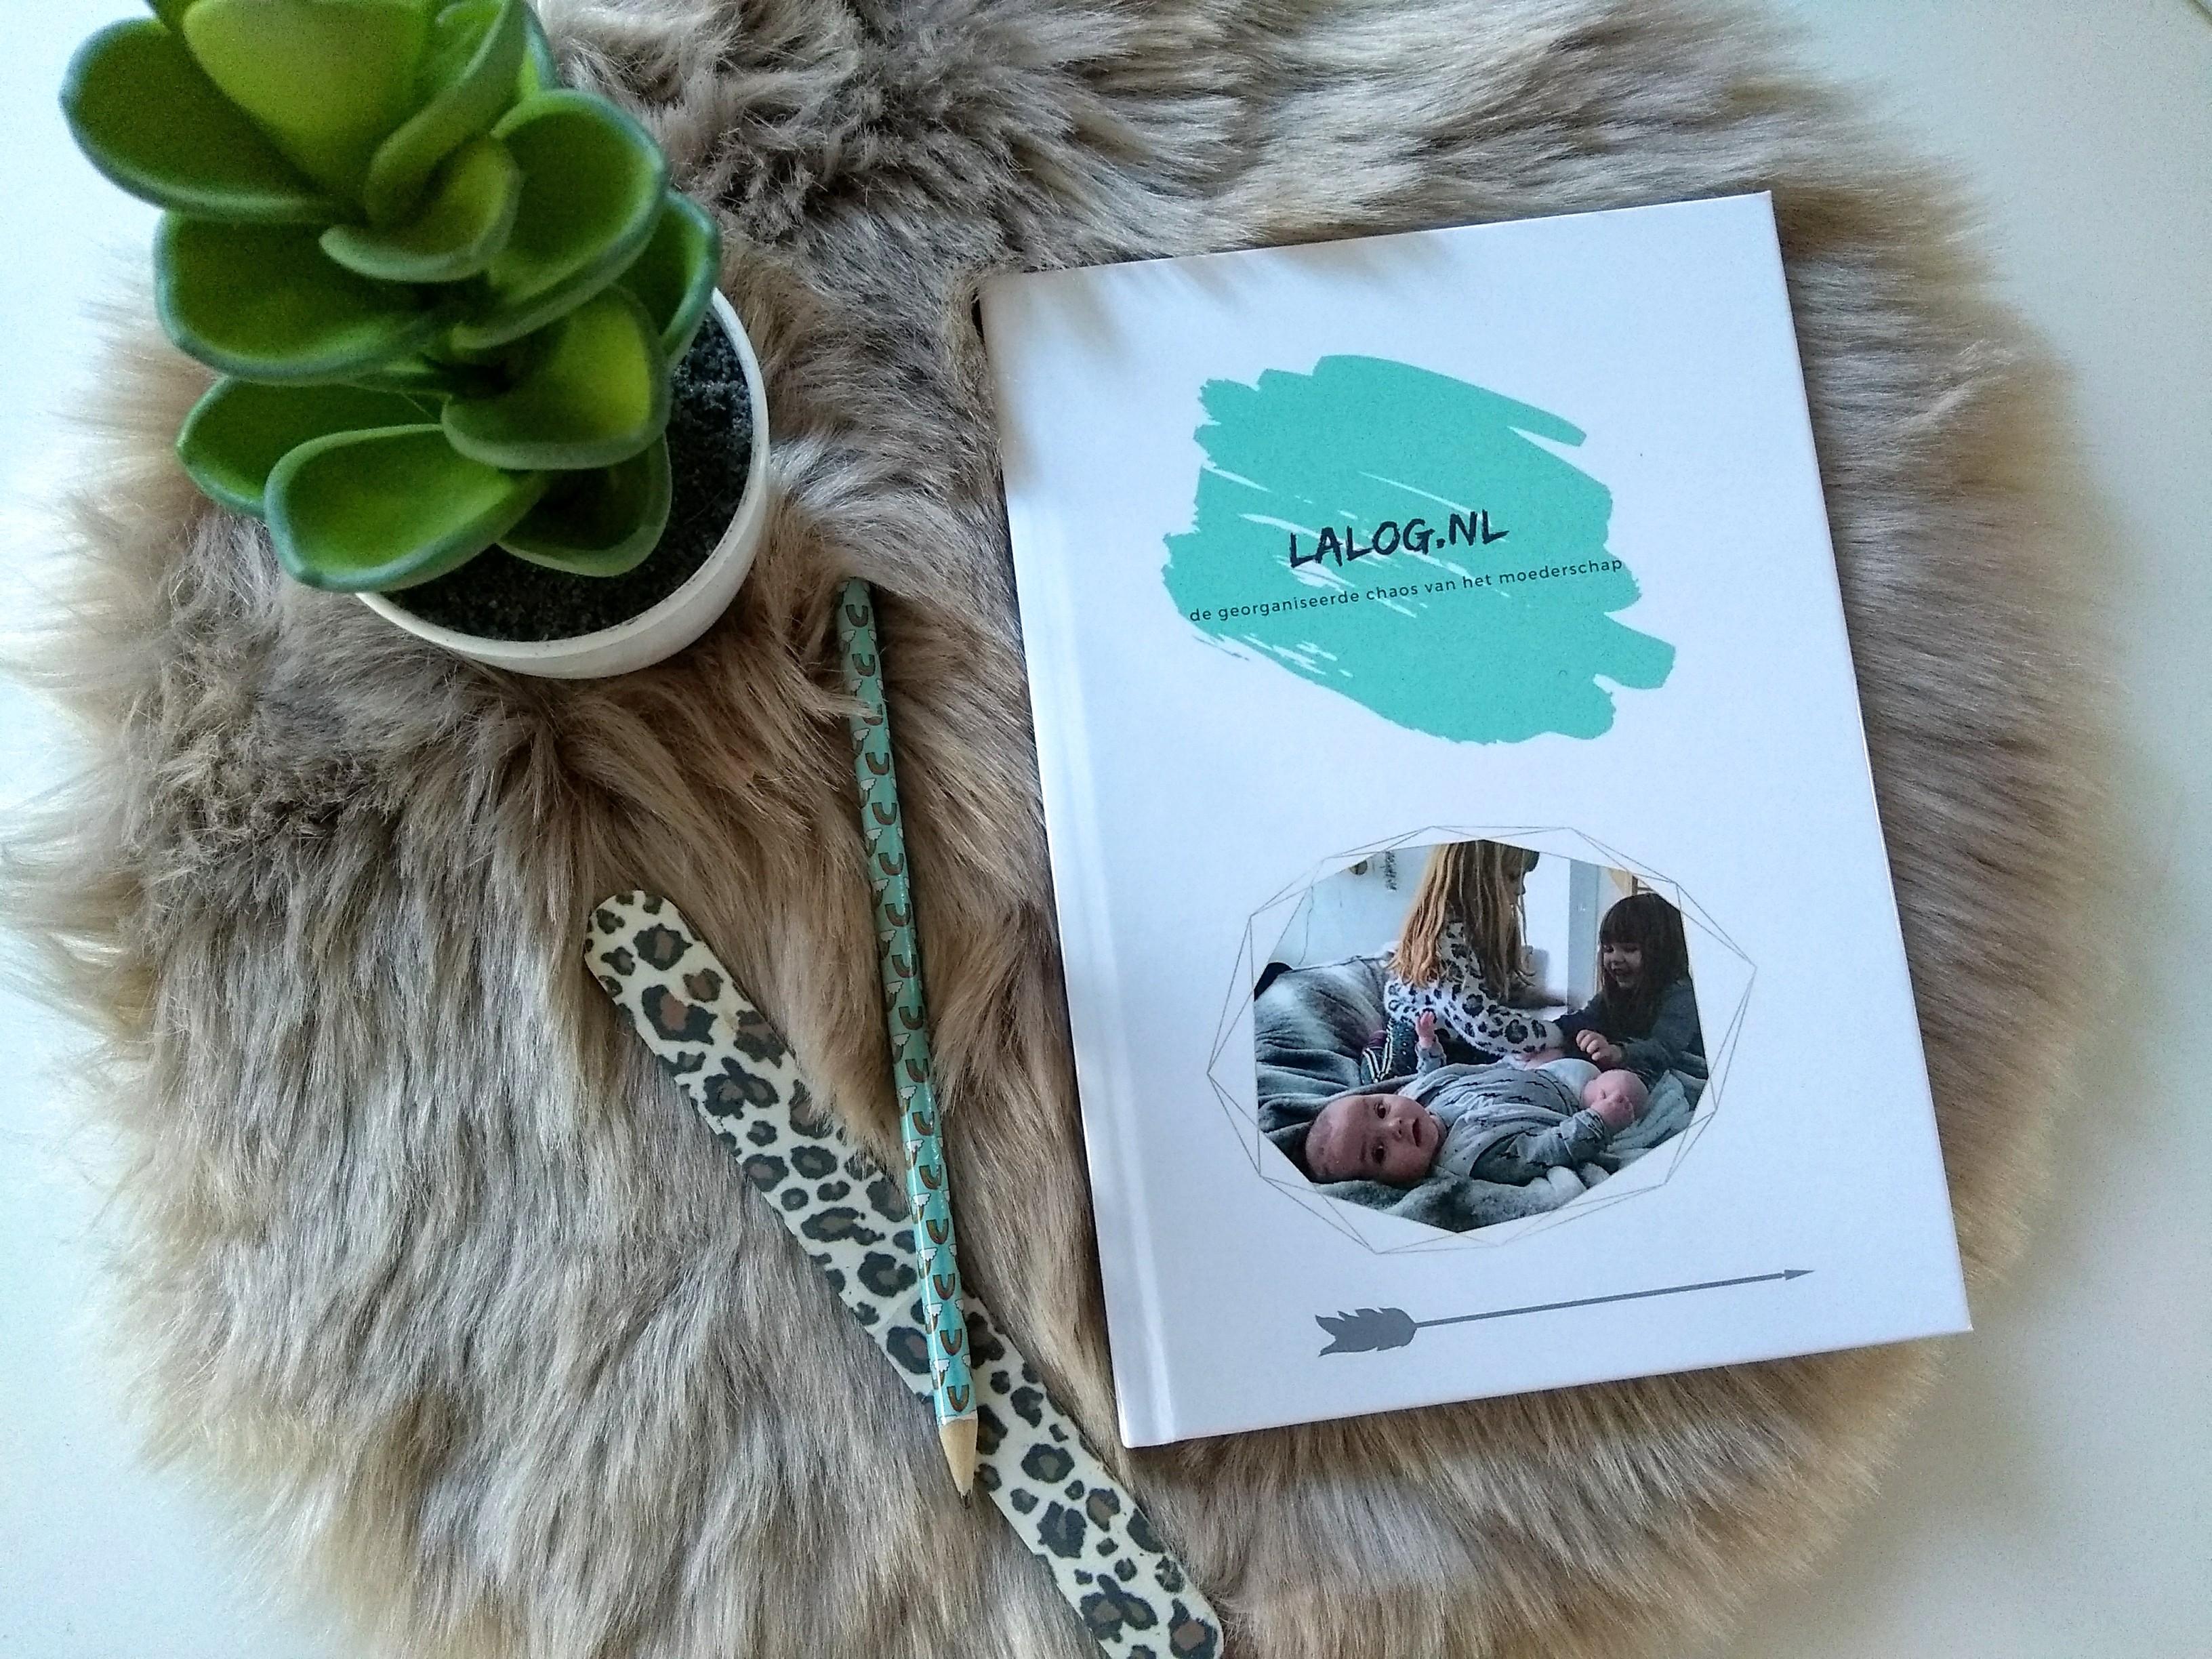 visitekaartjes blog, visitekaartjes, drukwerk, studentensrukwerk.nl, lalog, lalogblog, lalog.nl, mamablog